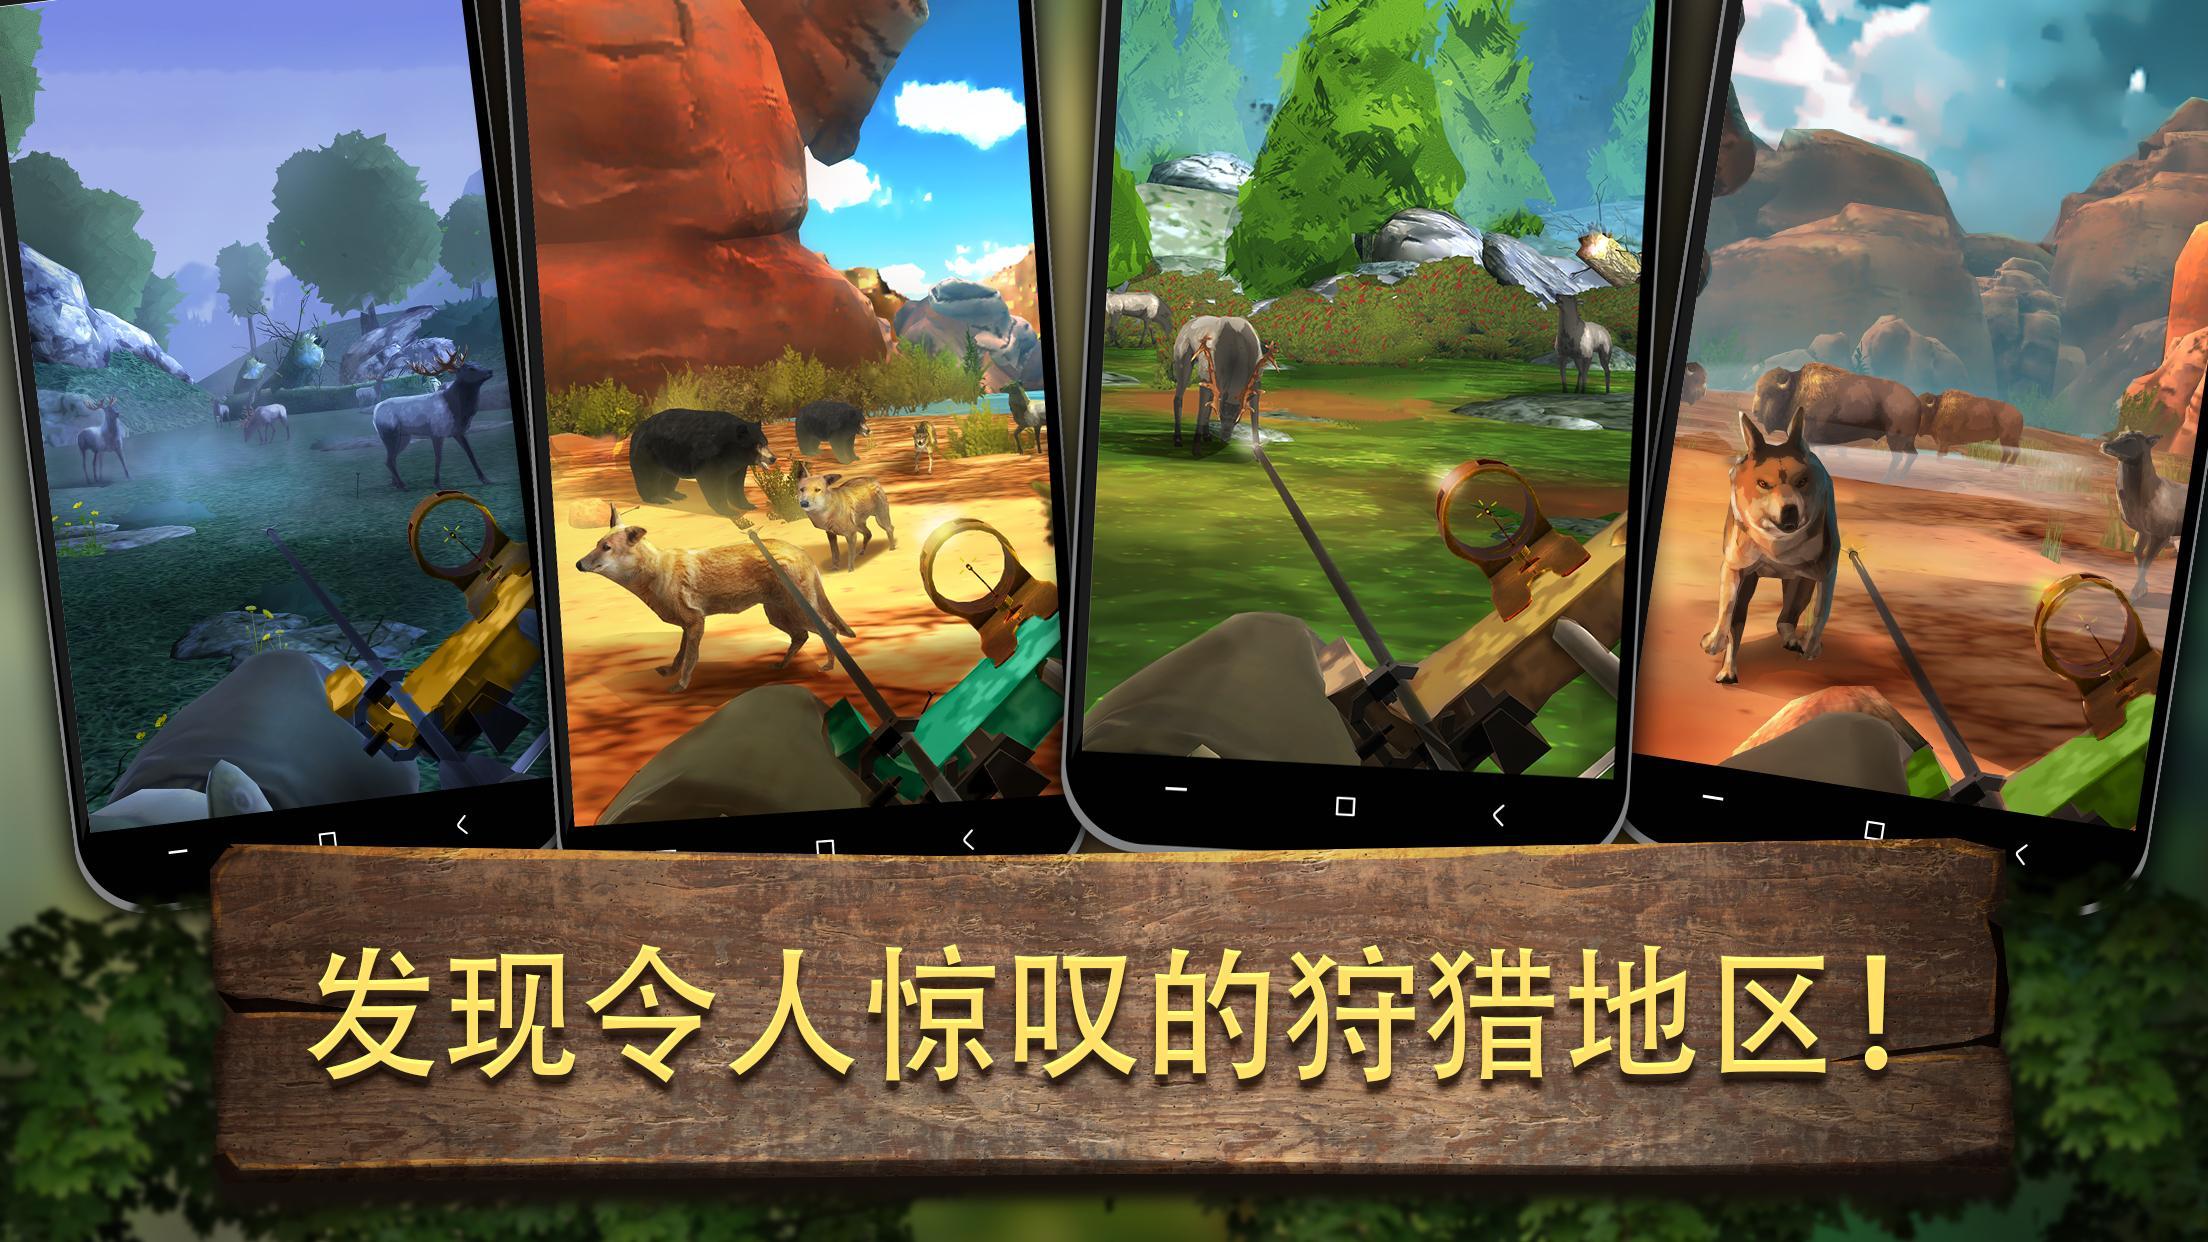 弓箭狩猎决斗安卓版 V40.0